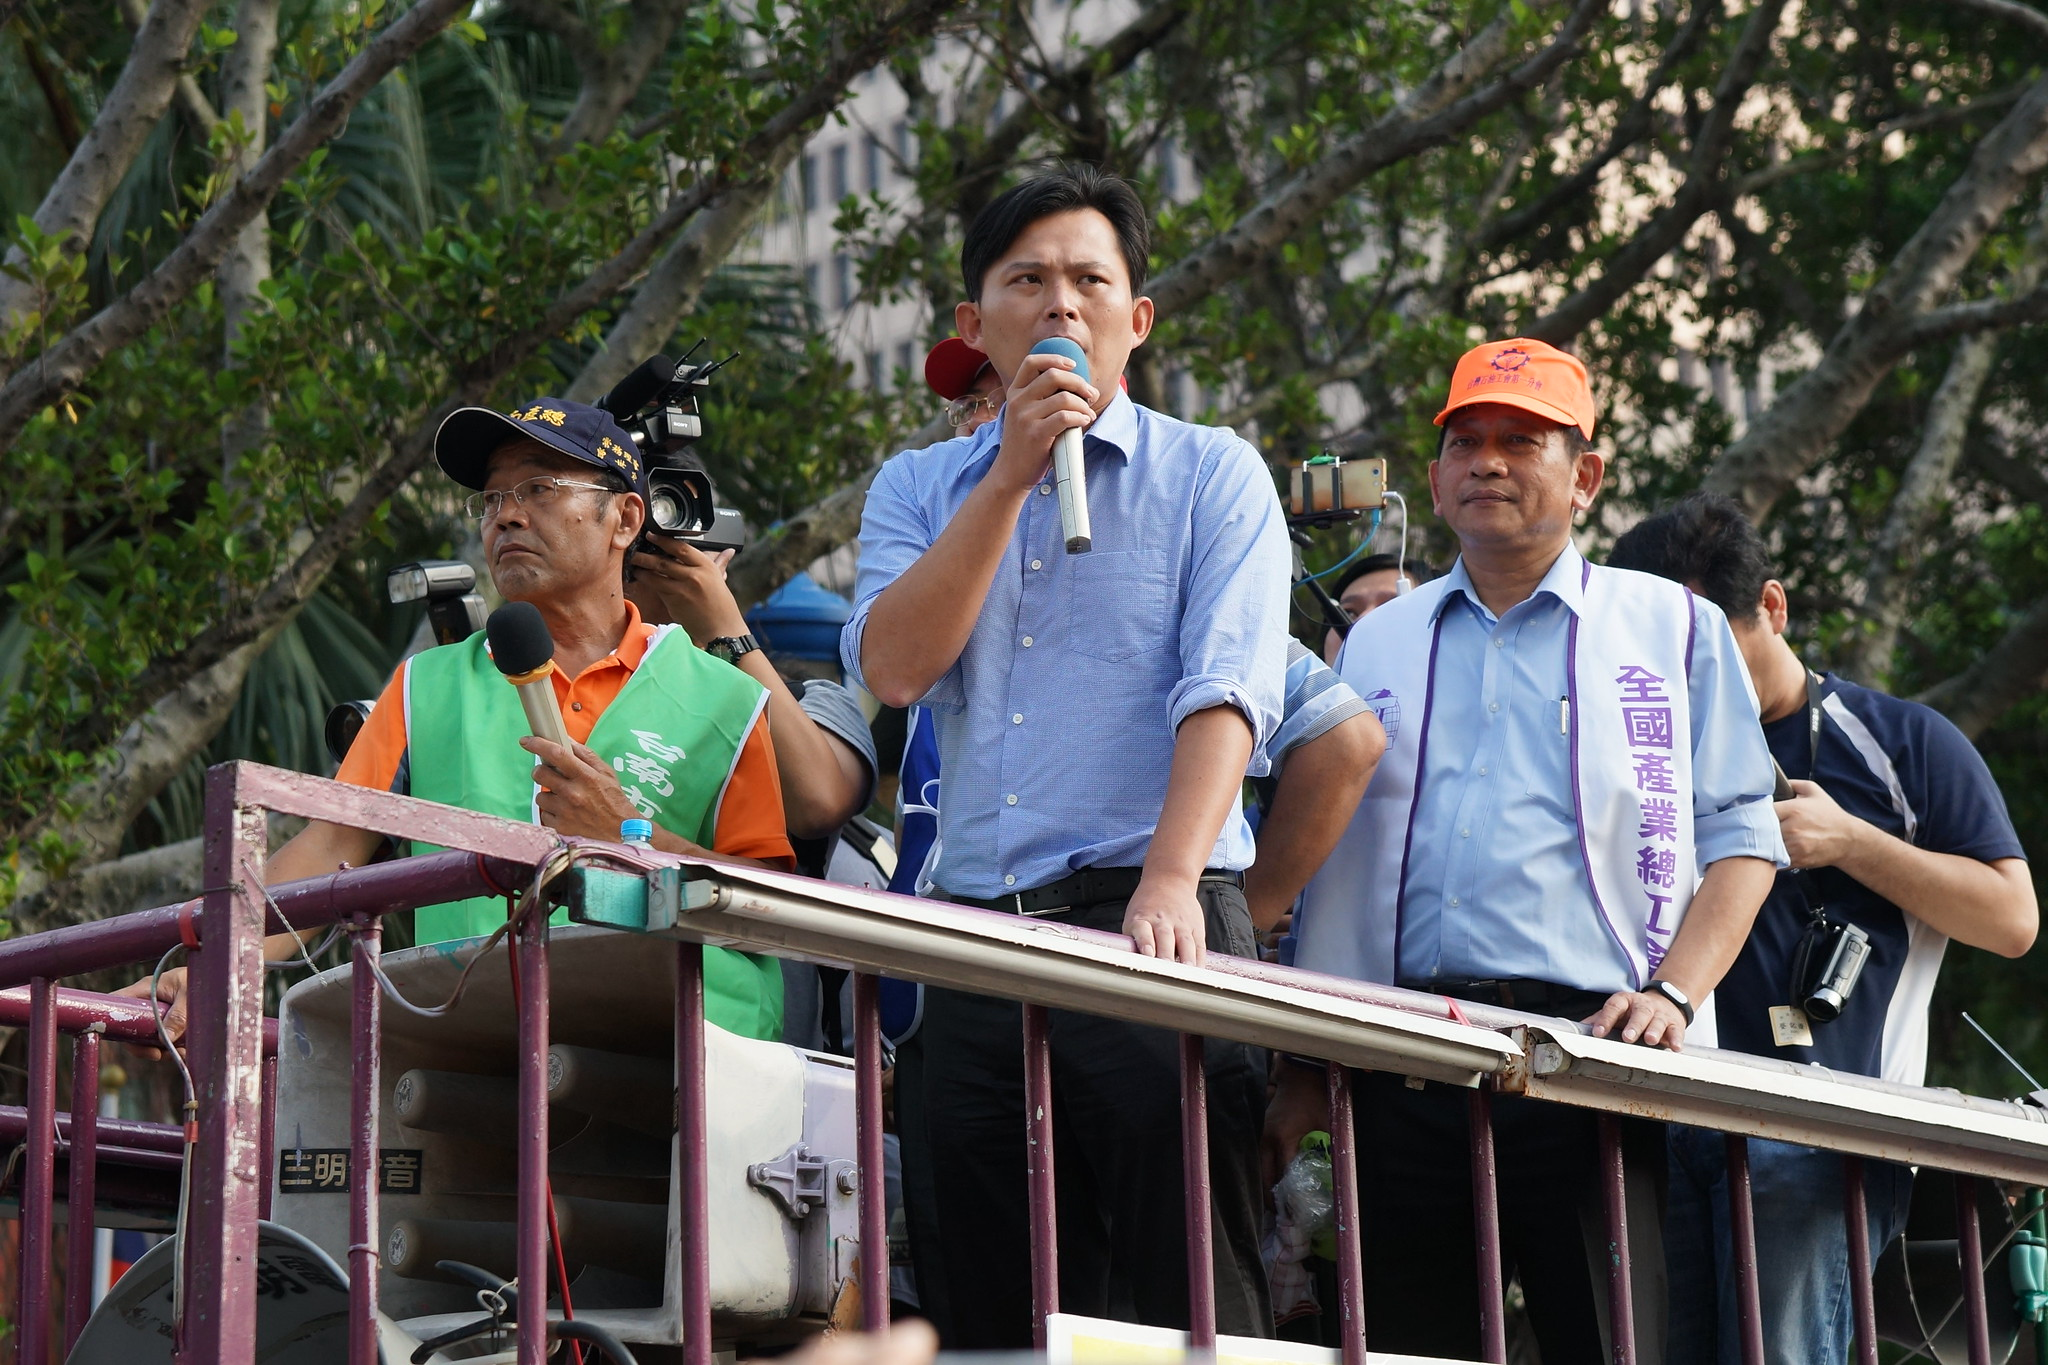 黃國昌表示時代力量主張上次衛環委員會會議無效,明天將有具體動作。(攝影:王顥中)